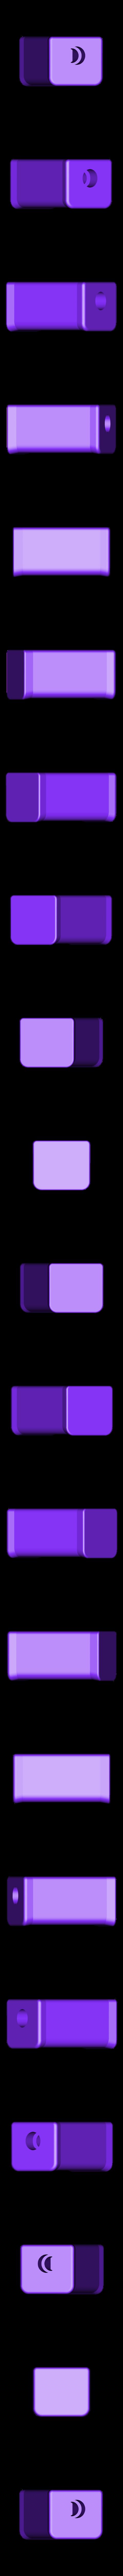 Corps.stl Download STL file Poêle pour maison Playmobil • Object to 3D print, emajo